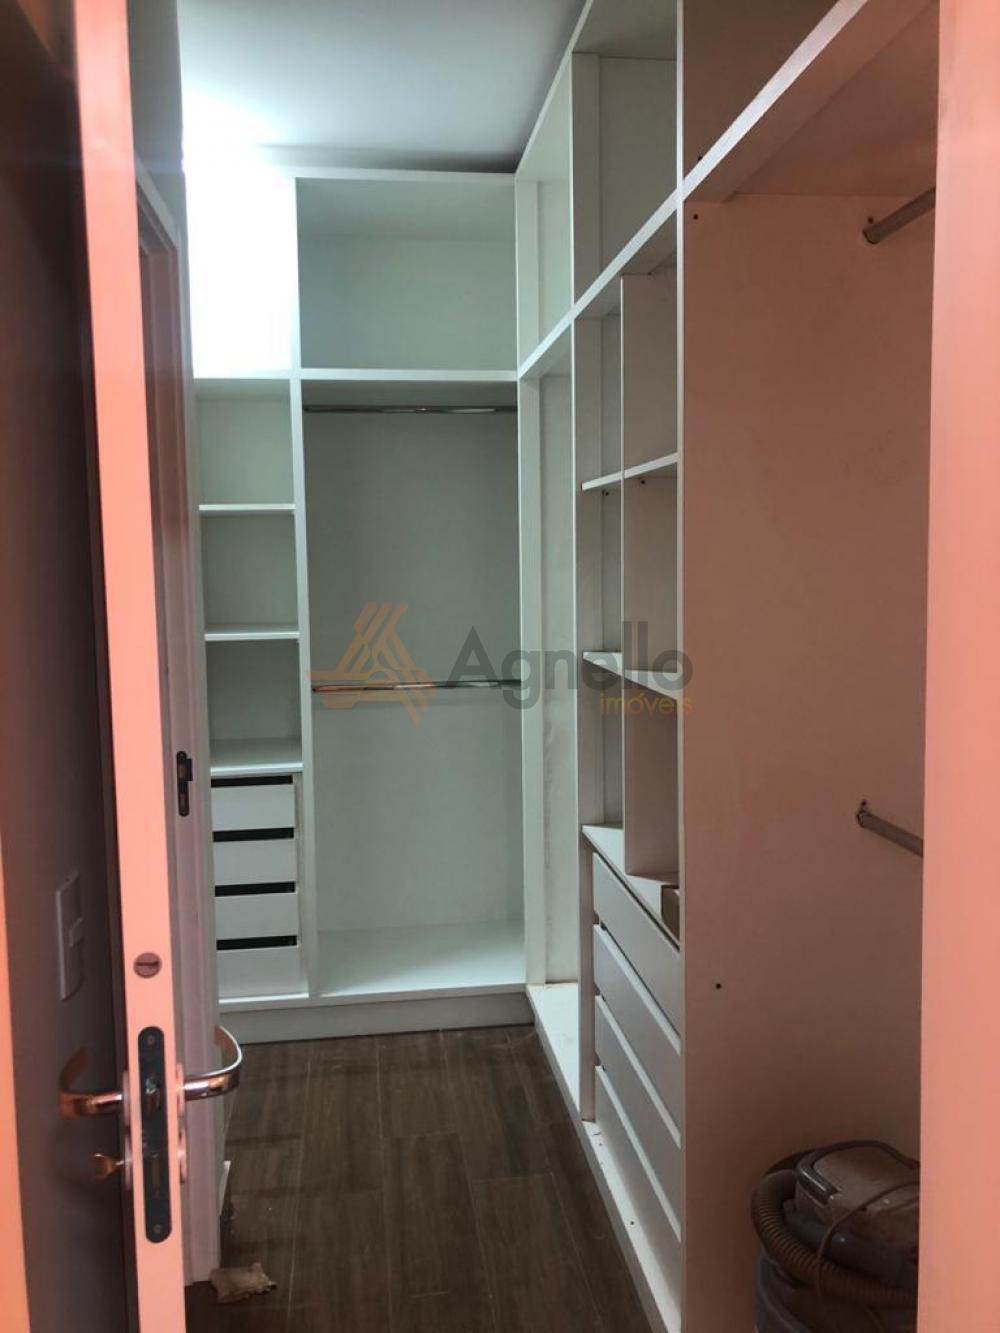 Comprar Apartamento / Cobertura em Franca apenas R$ 680.000,00 - Foto 8